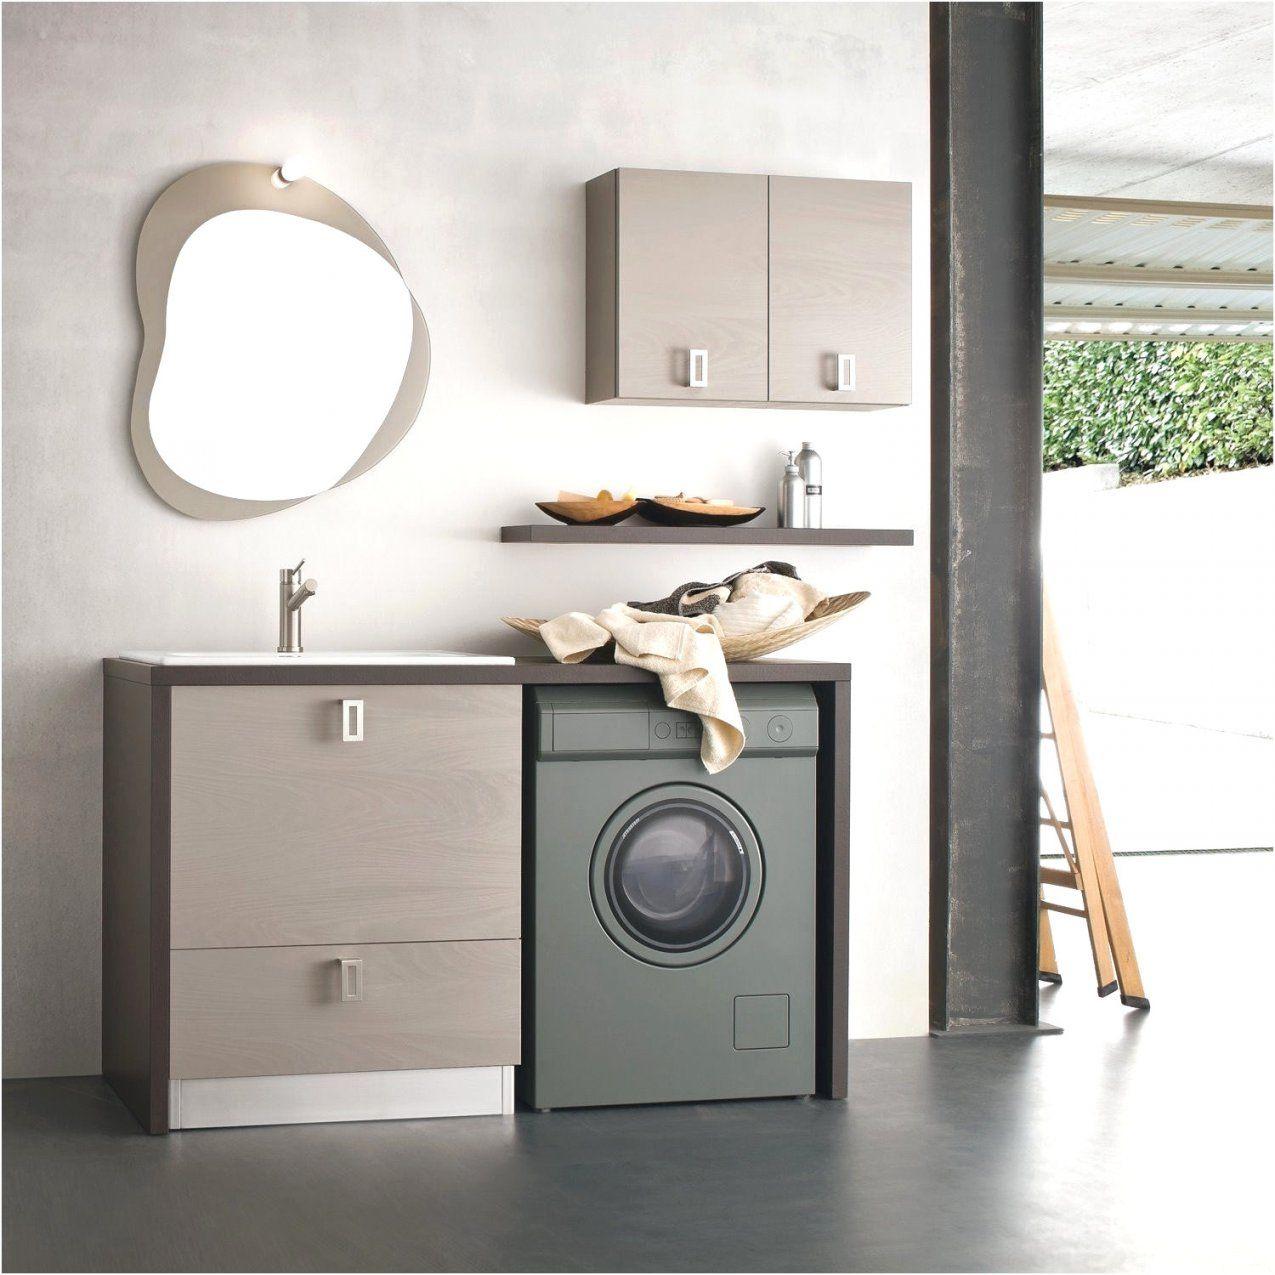 ... Waschmaschine Im Badezimmer Integrieren Mit Awesome In Der Kche Von  Waschmaschine Im Bad Integrieren Bild ...